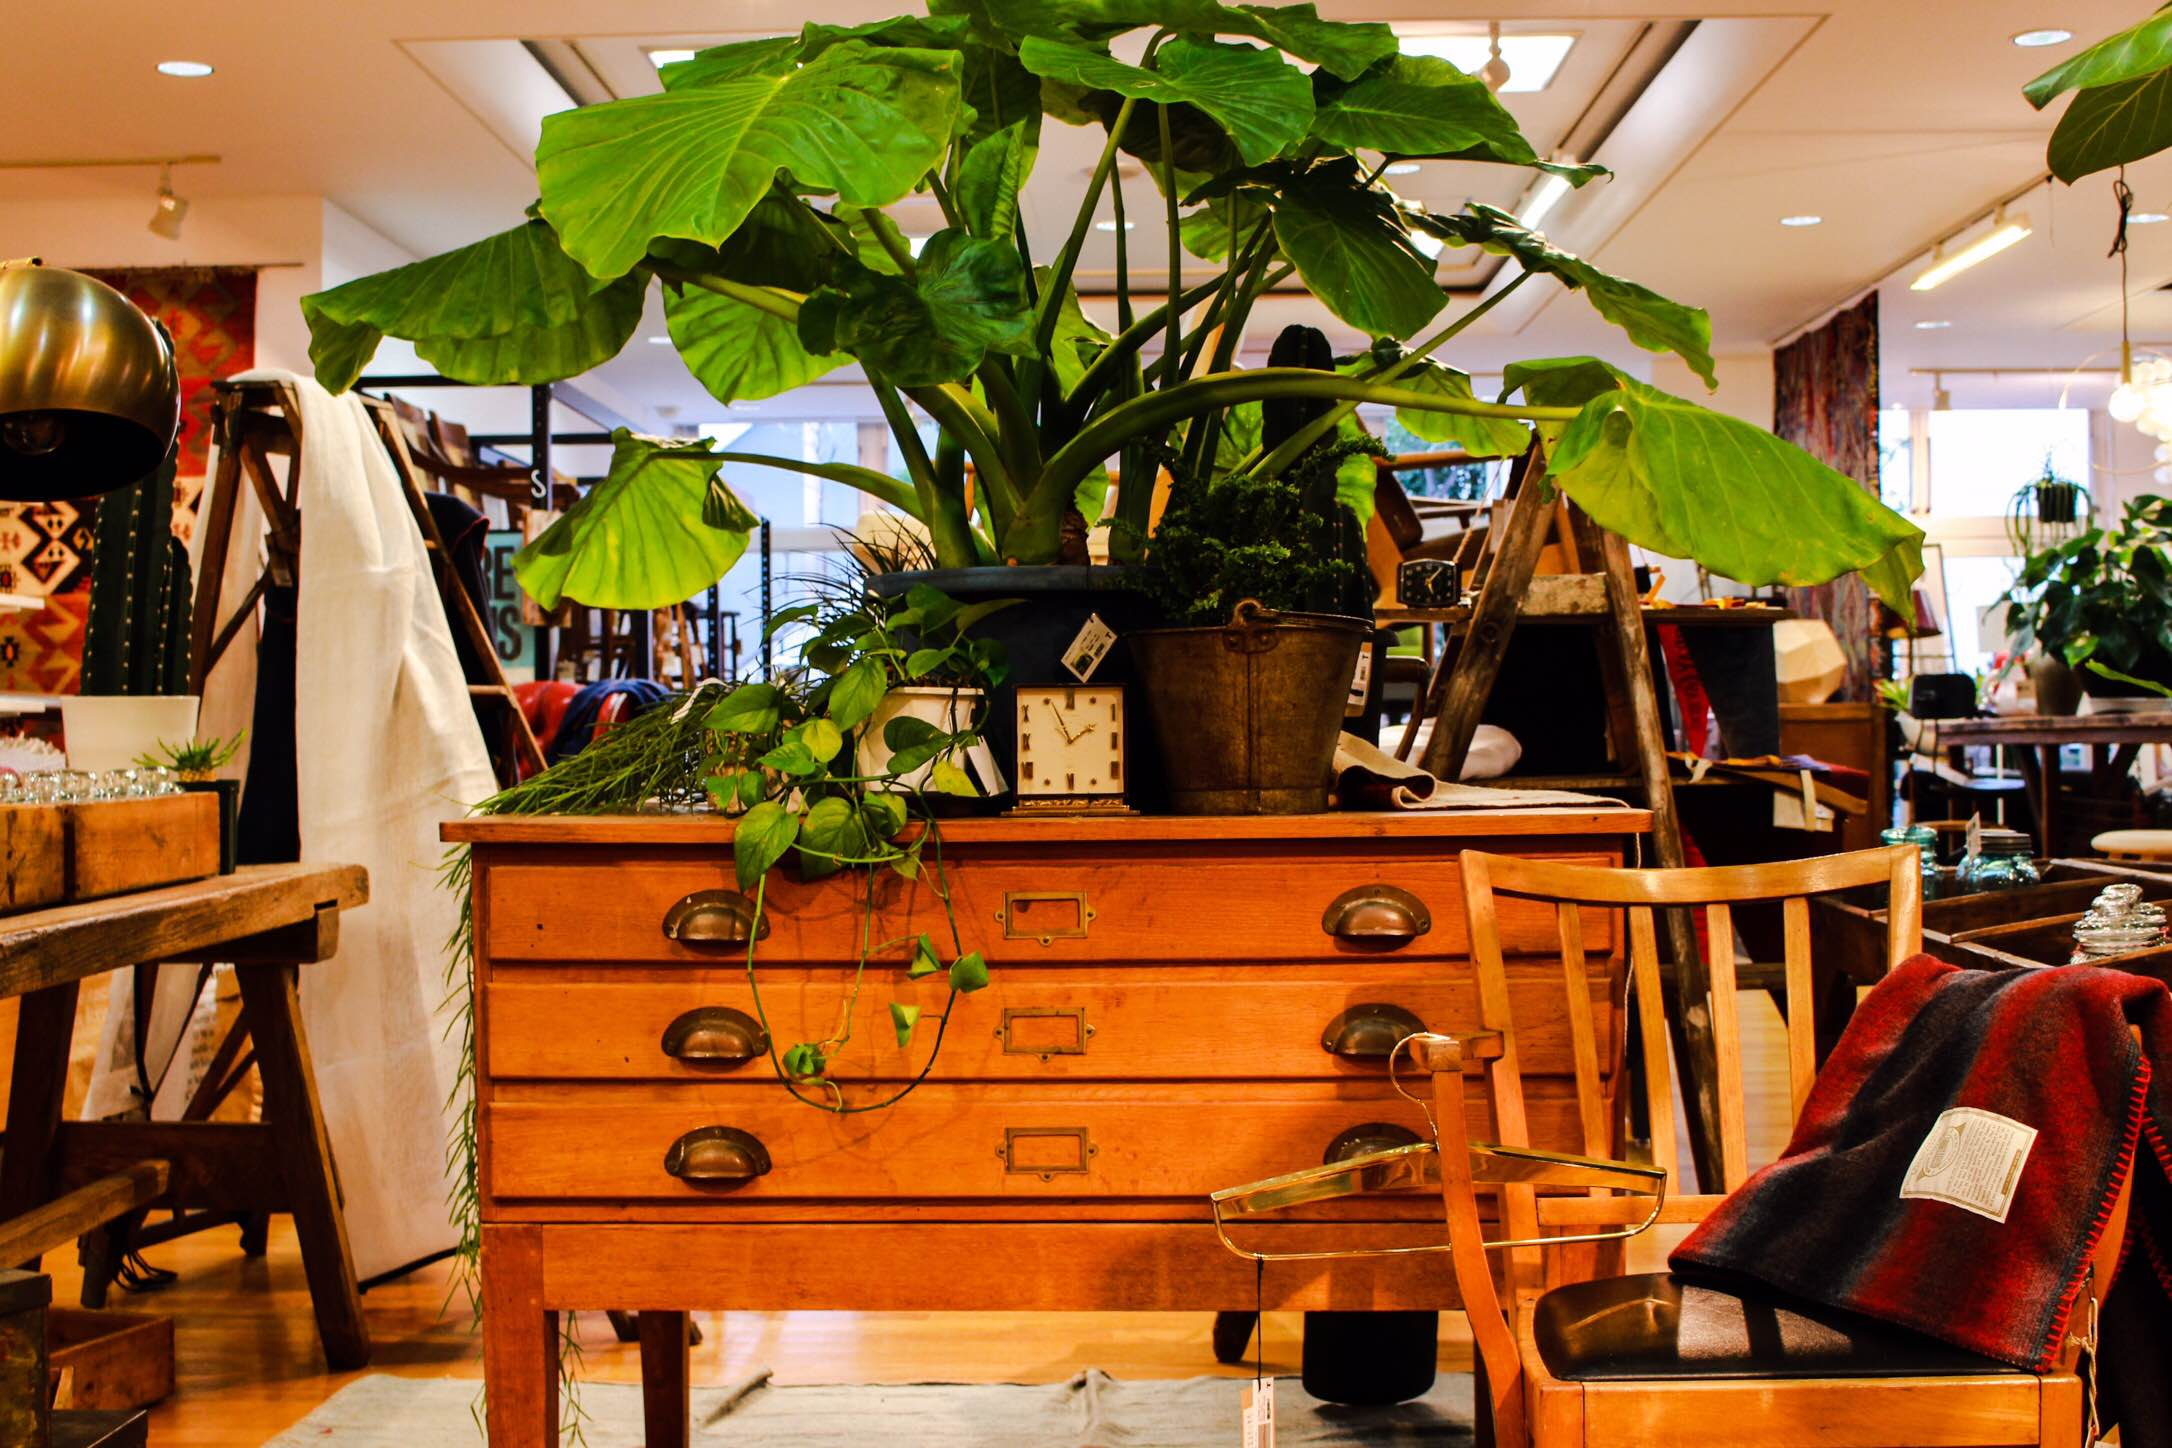 ヴィンテージ家具 観葉植物 クワズイモ